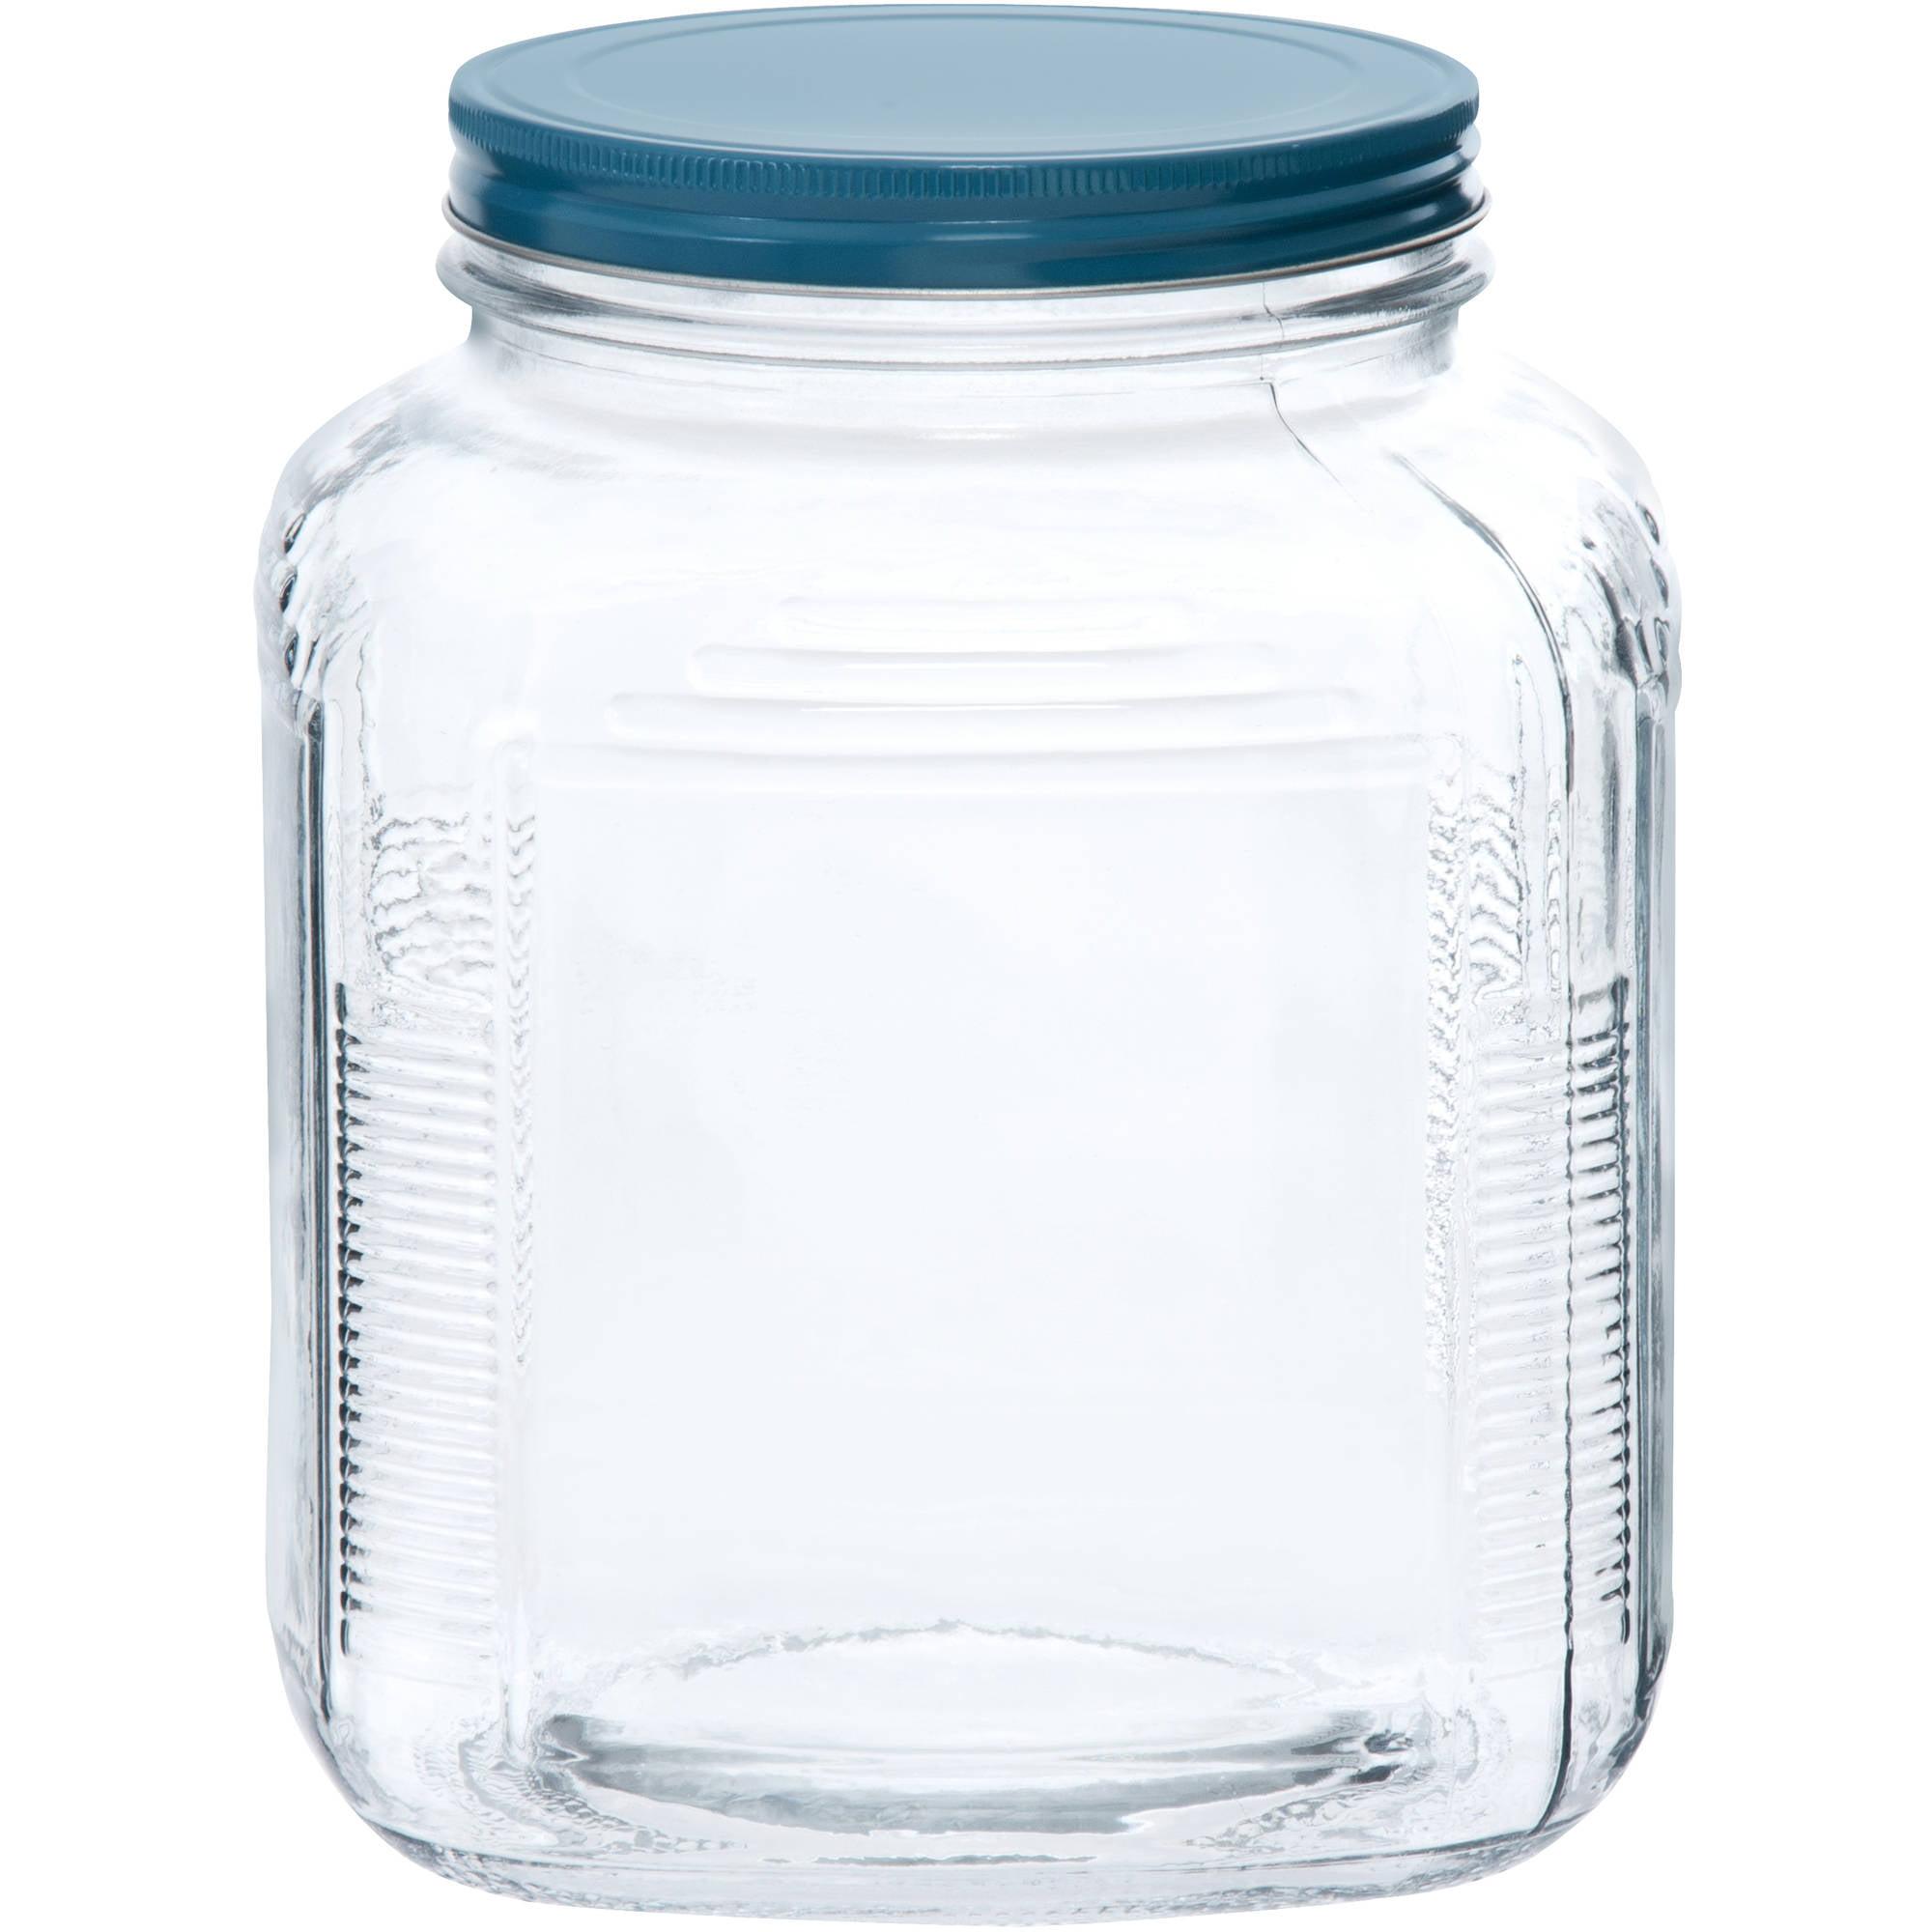 1-Gallon Cracker Jar, Teal by Anchor Hocking LLC